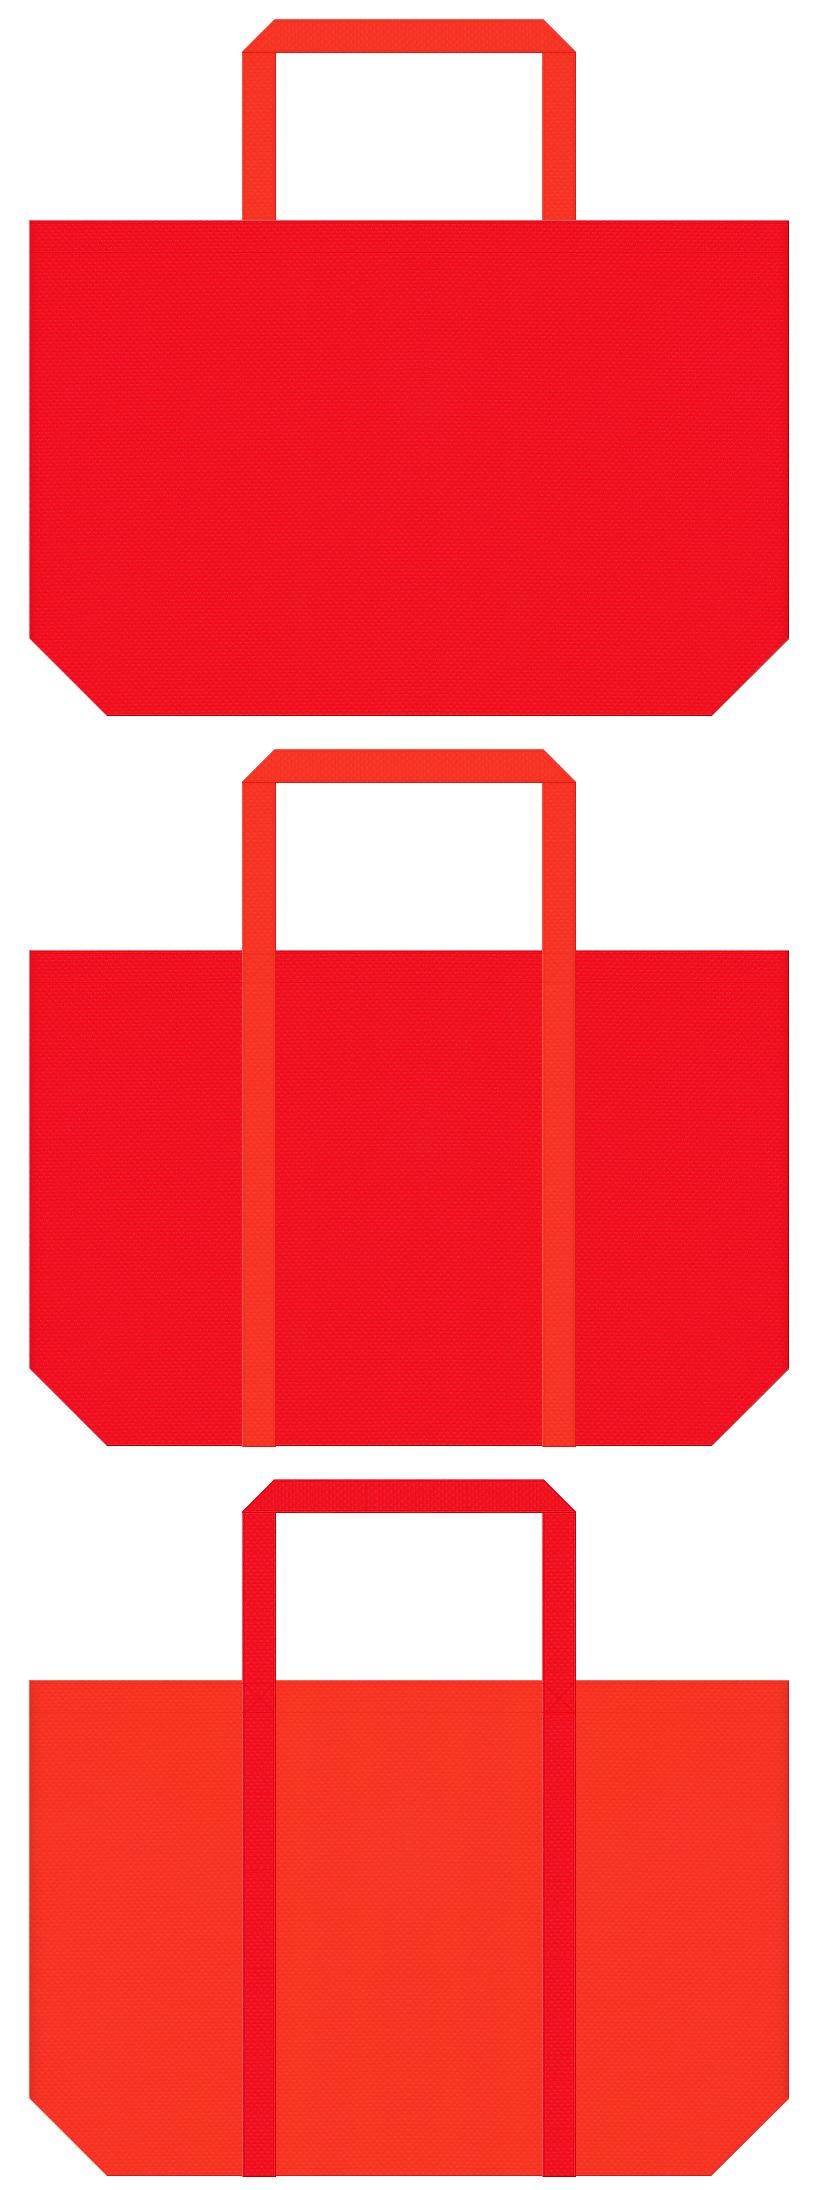 サプリメント・太陽・エネルギー・暖房器具・スポーツ・キャンプ・バーベキュー・アウトドア・紅葉・秋のイベントのノベルティ・観光地・観光名所のショッピングバッグにお奨めの不織布ショッピングバッグデザイン:赤色とオレンジ色のコーデ